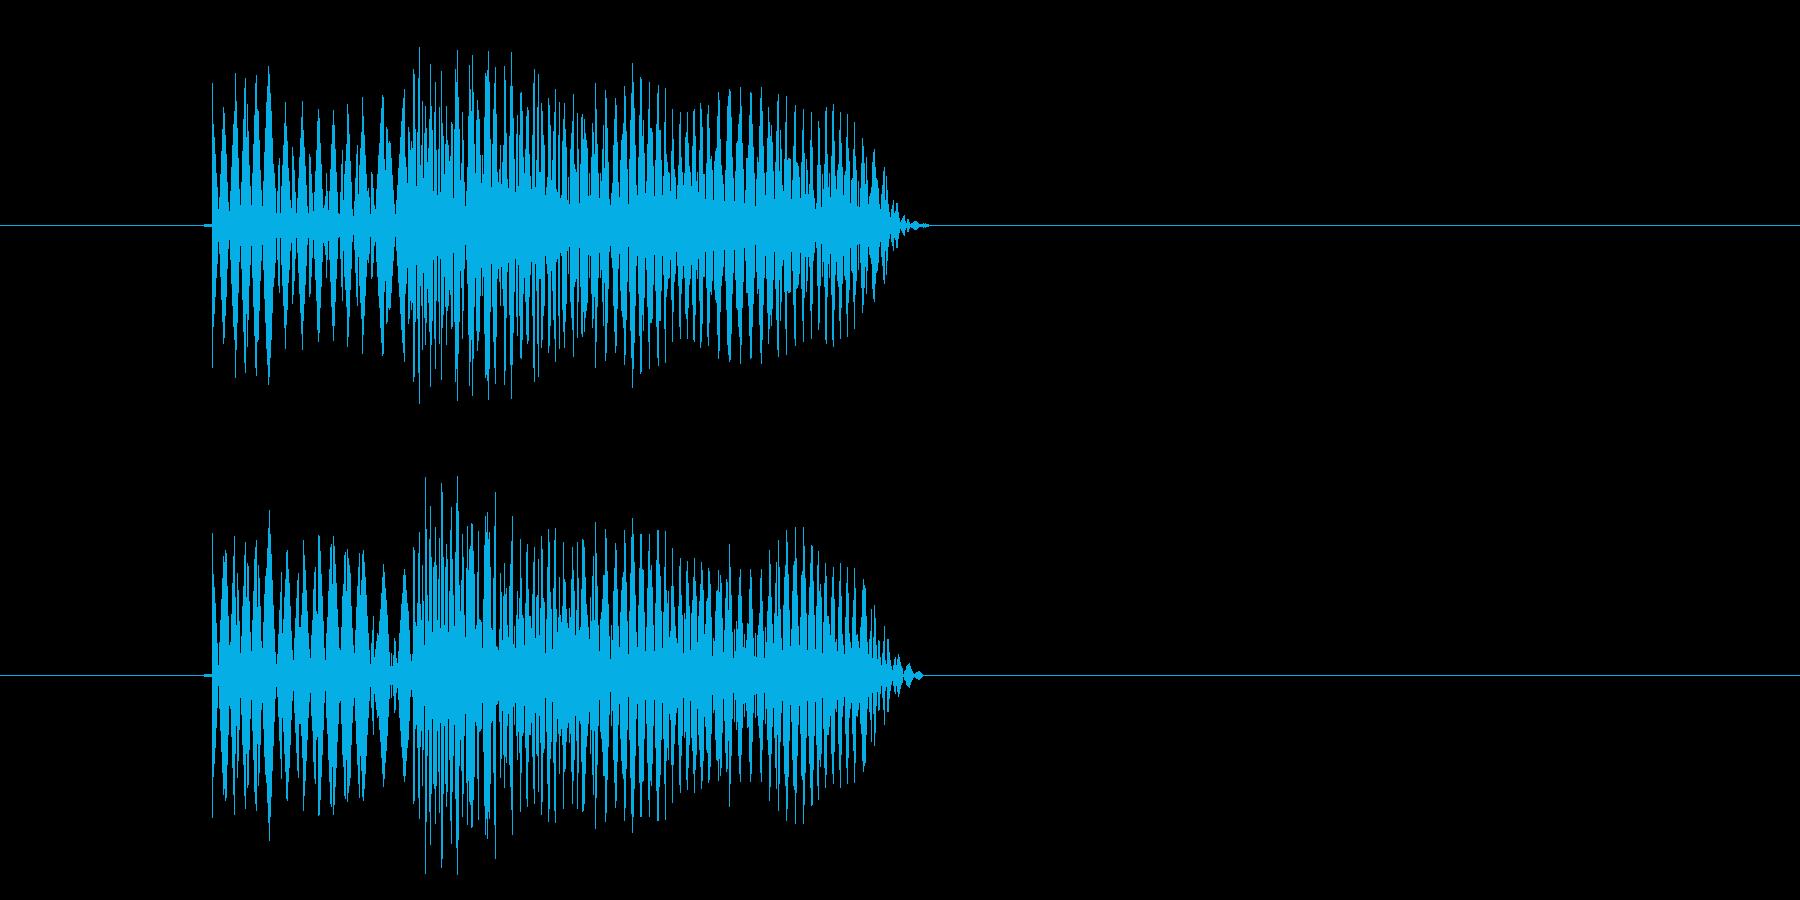 行き止まり_ダメージの再生済みの波形